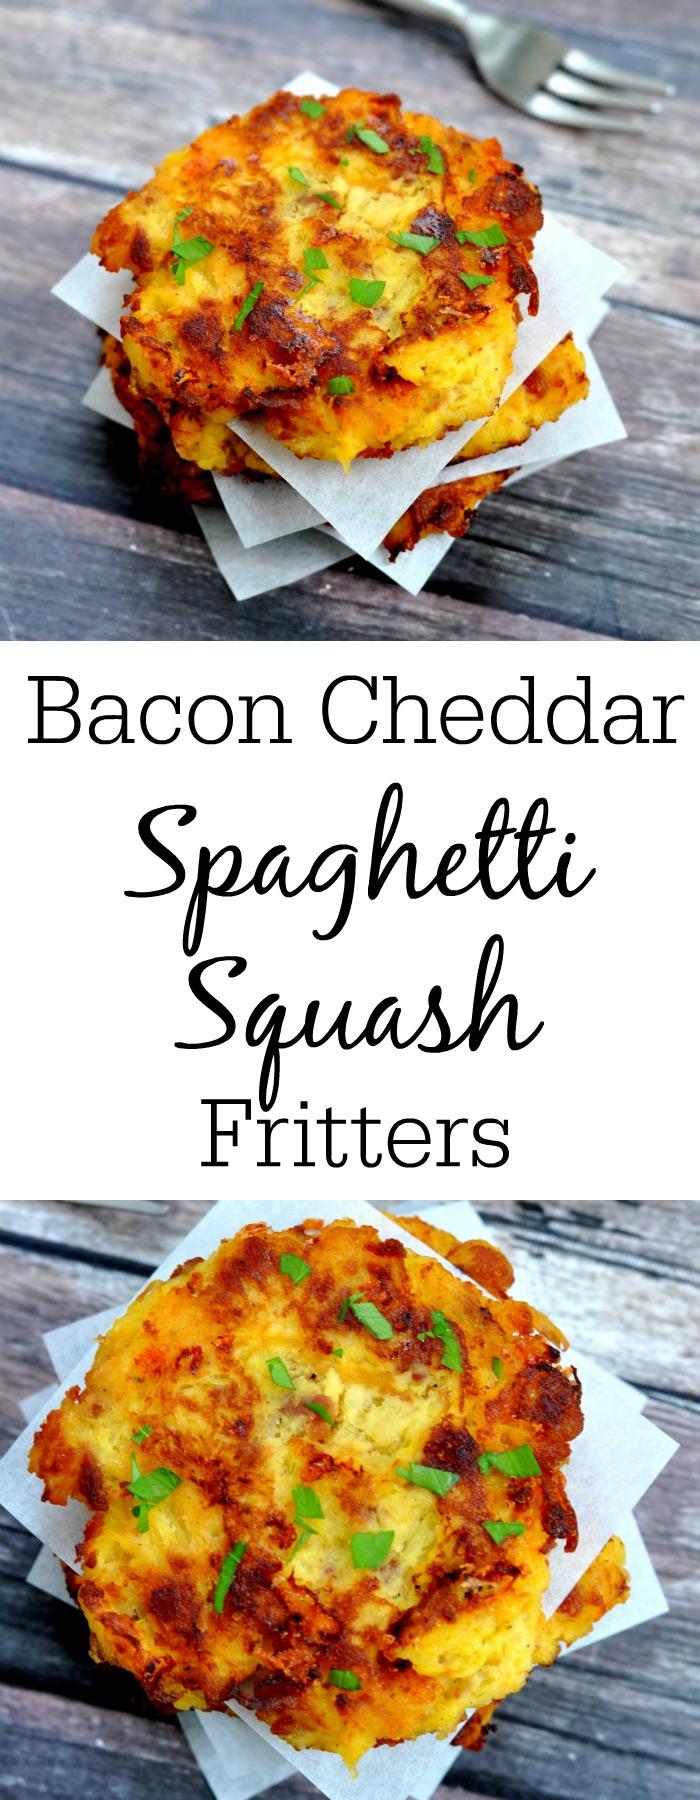 Bacon Cheddar Spaghetti Squash Fritters